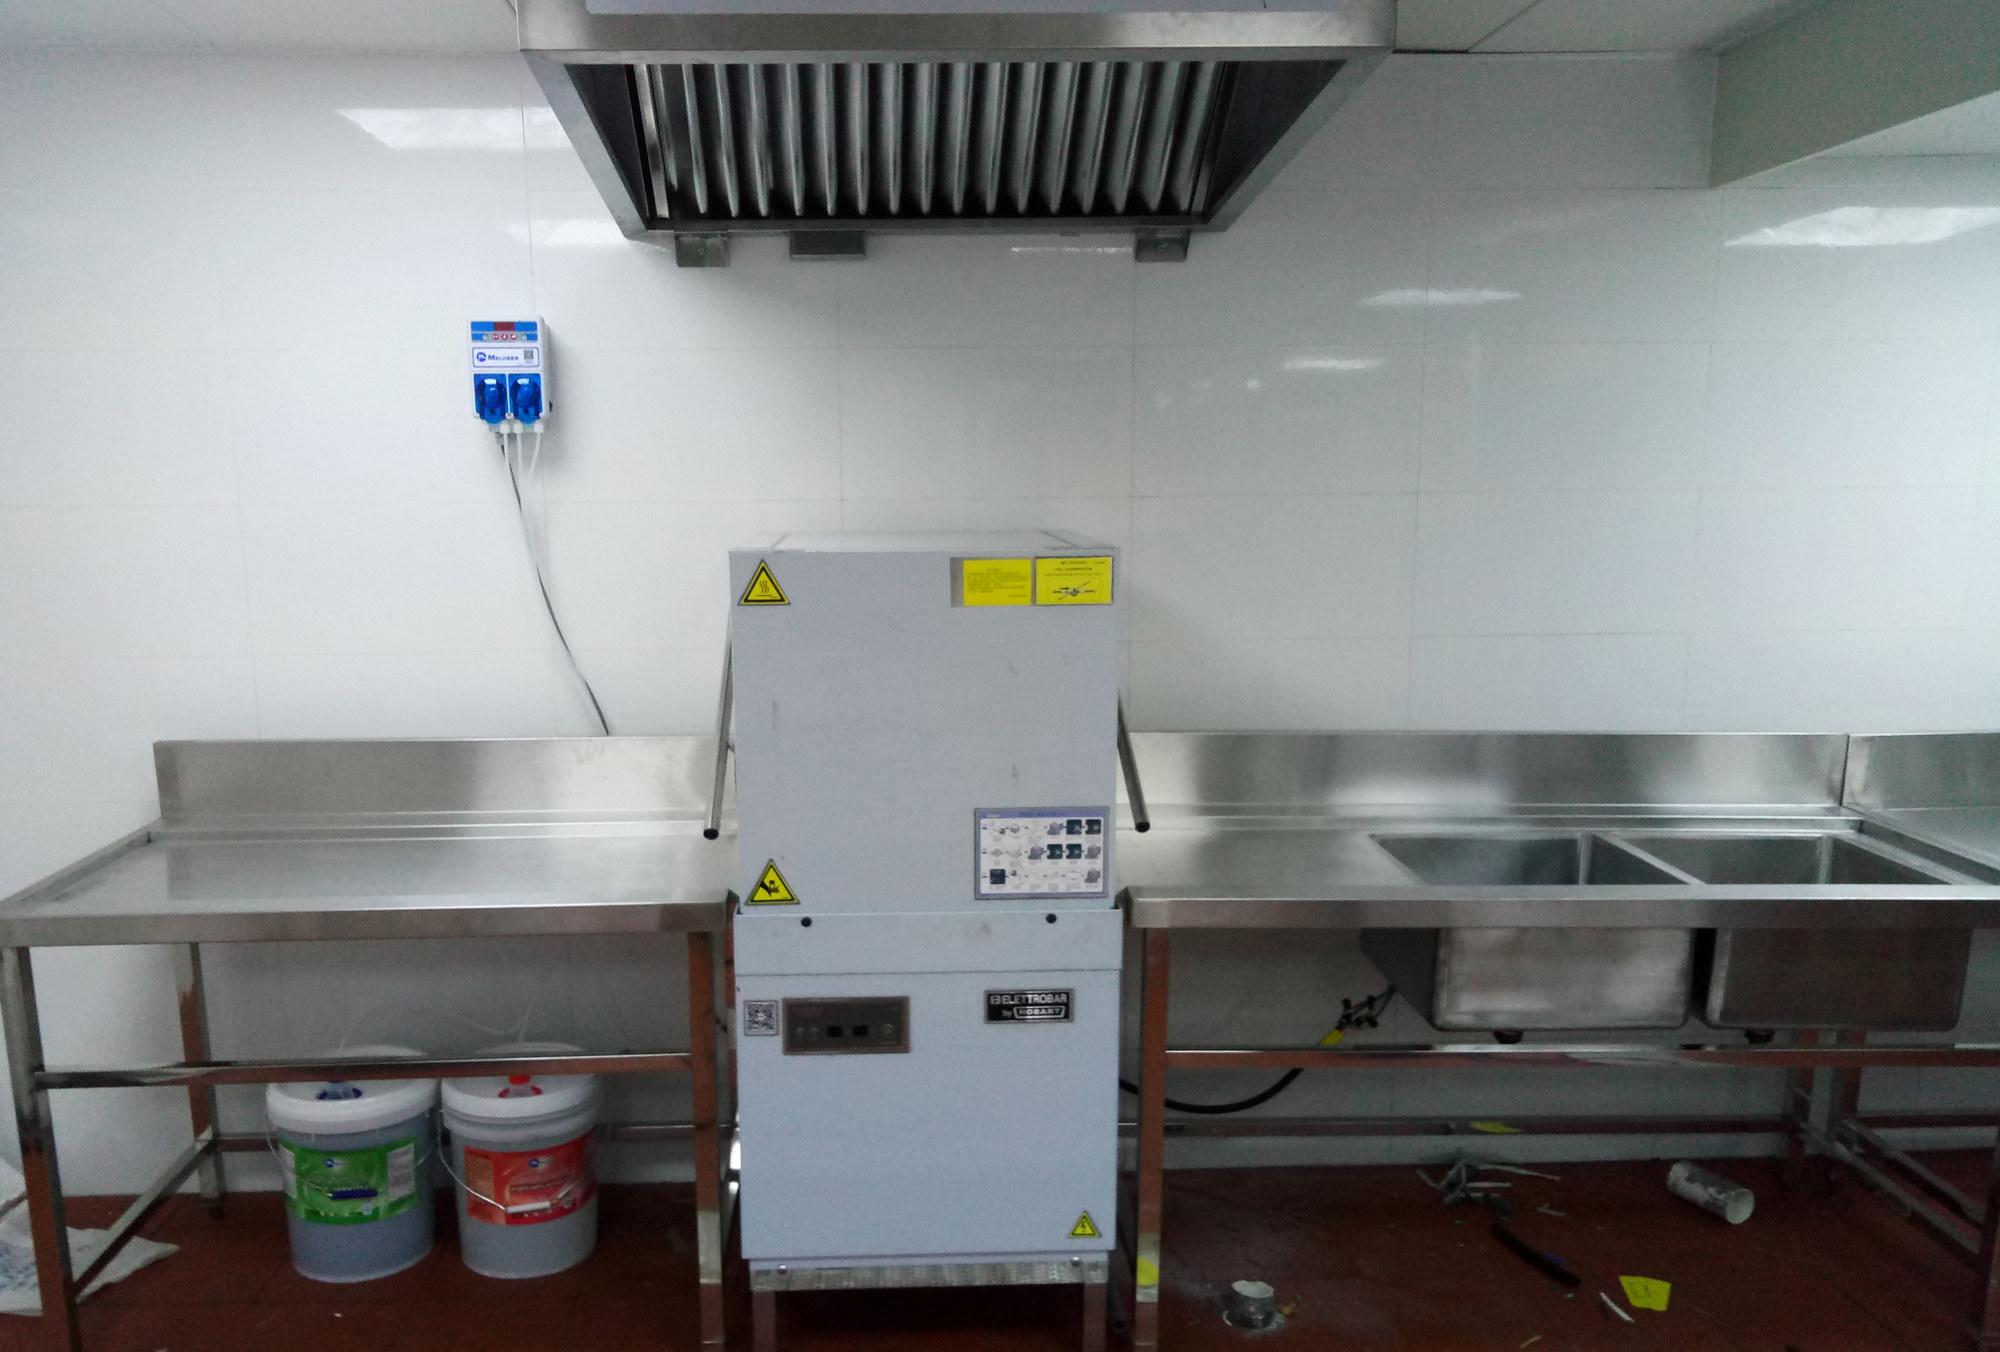 美洁尔餐饮店洗碗机